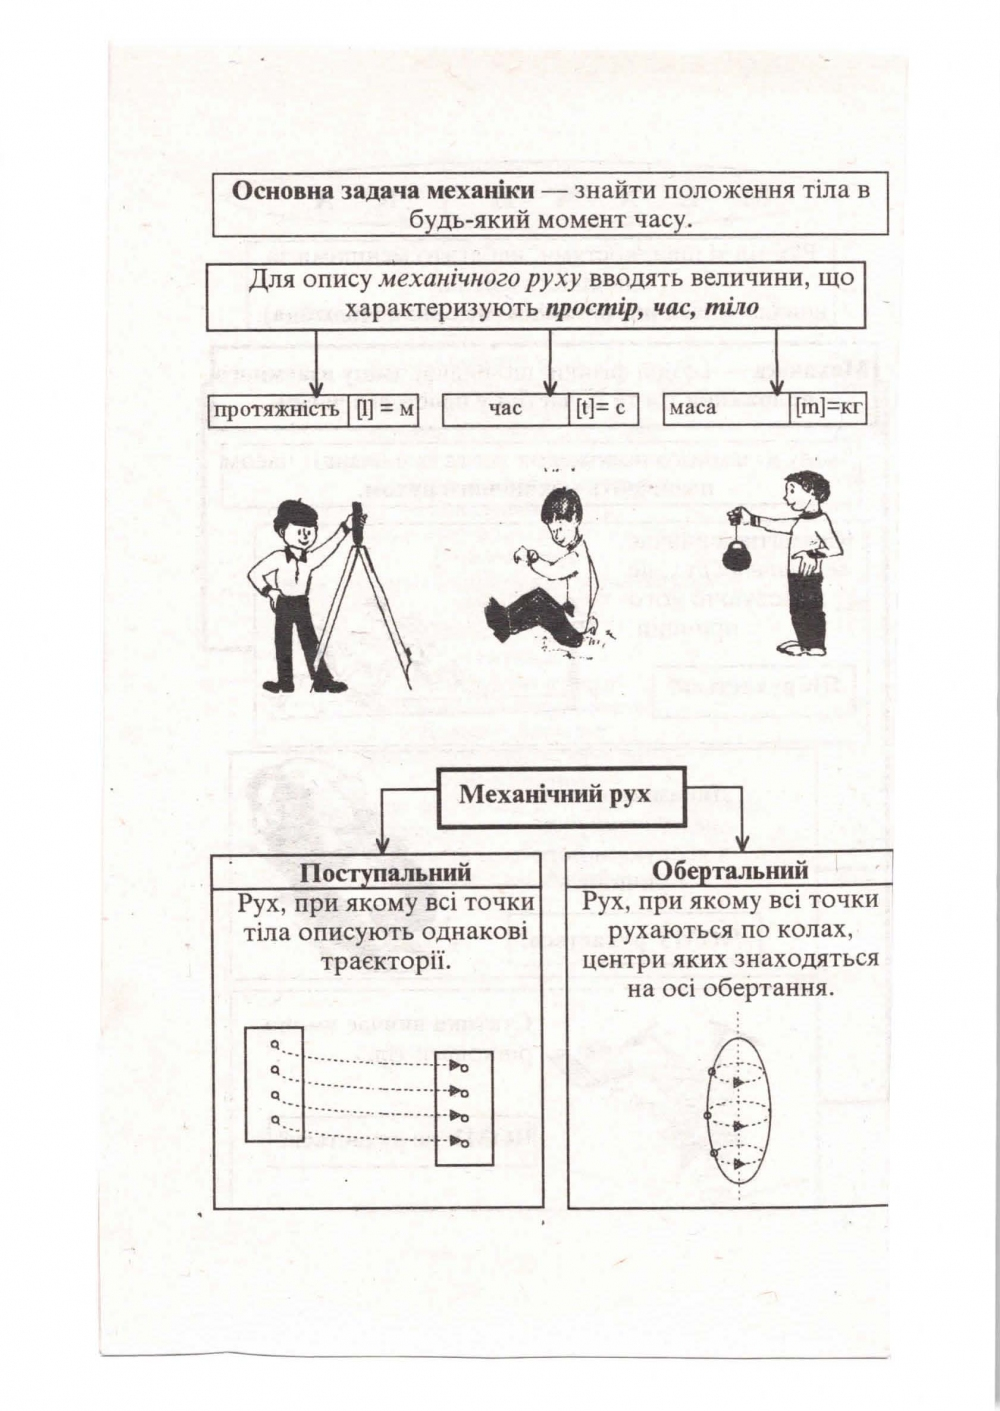 Фізика в таблицях і схемах. Авт: Почтаренко Г. Вид-во: Логос. купити 7